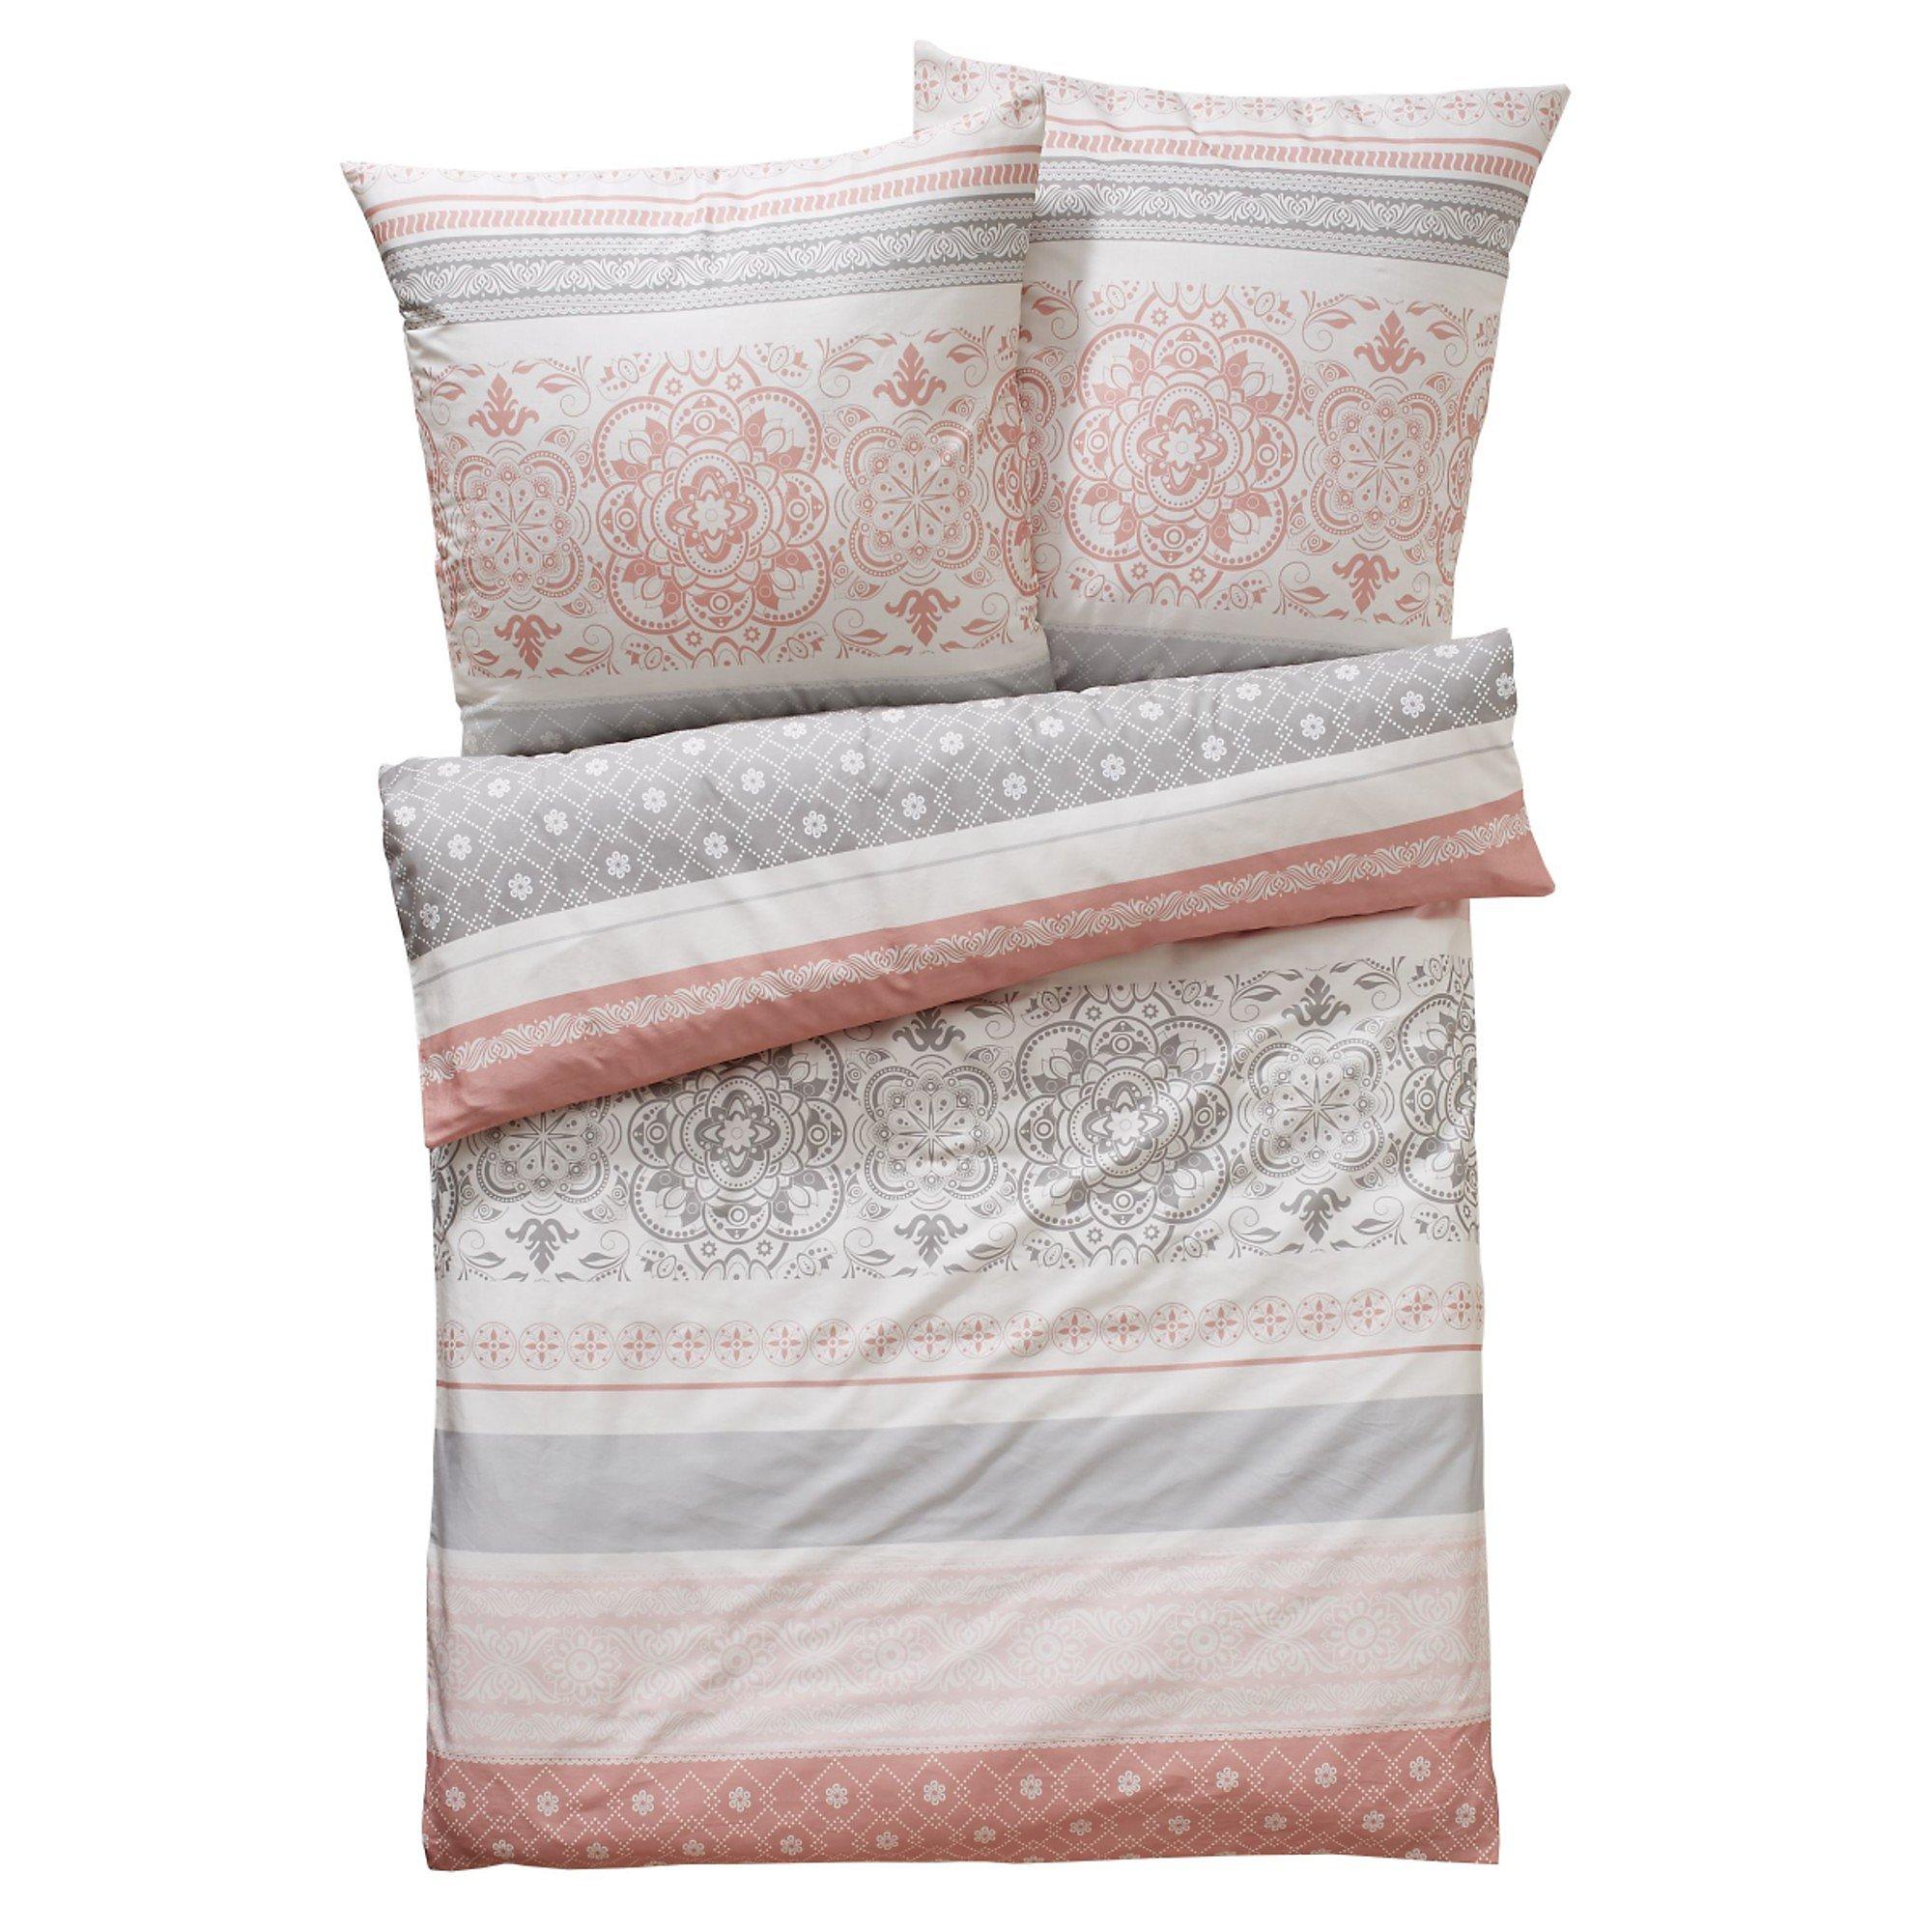 Bettwasche Balance Grau Rosa 135 X 200 Cm Bestellen Weltbild De